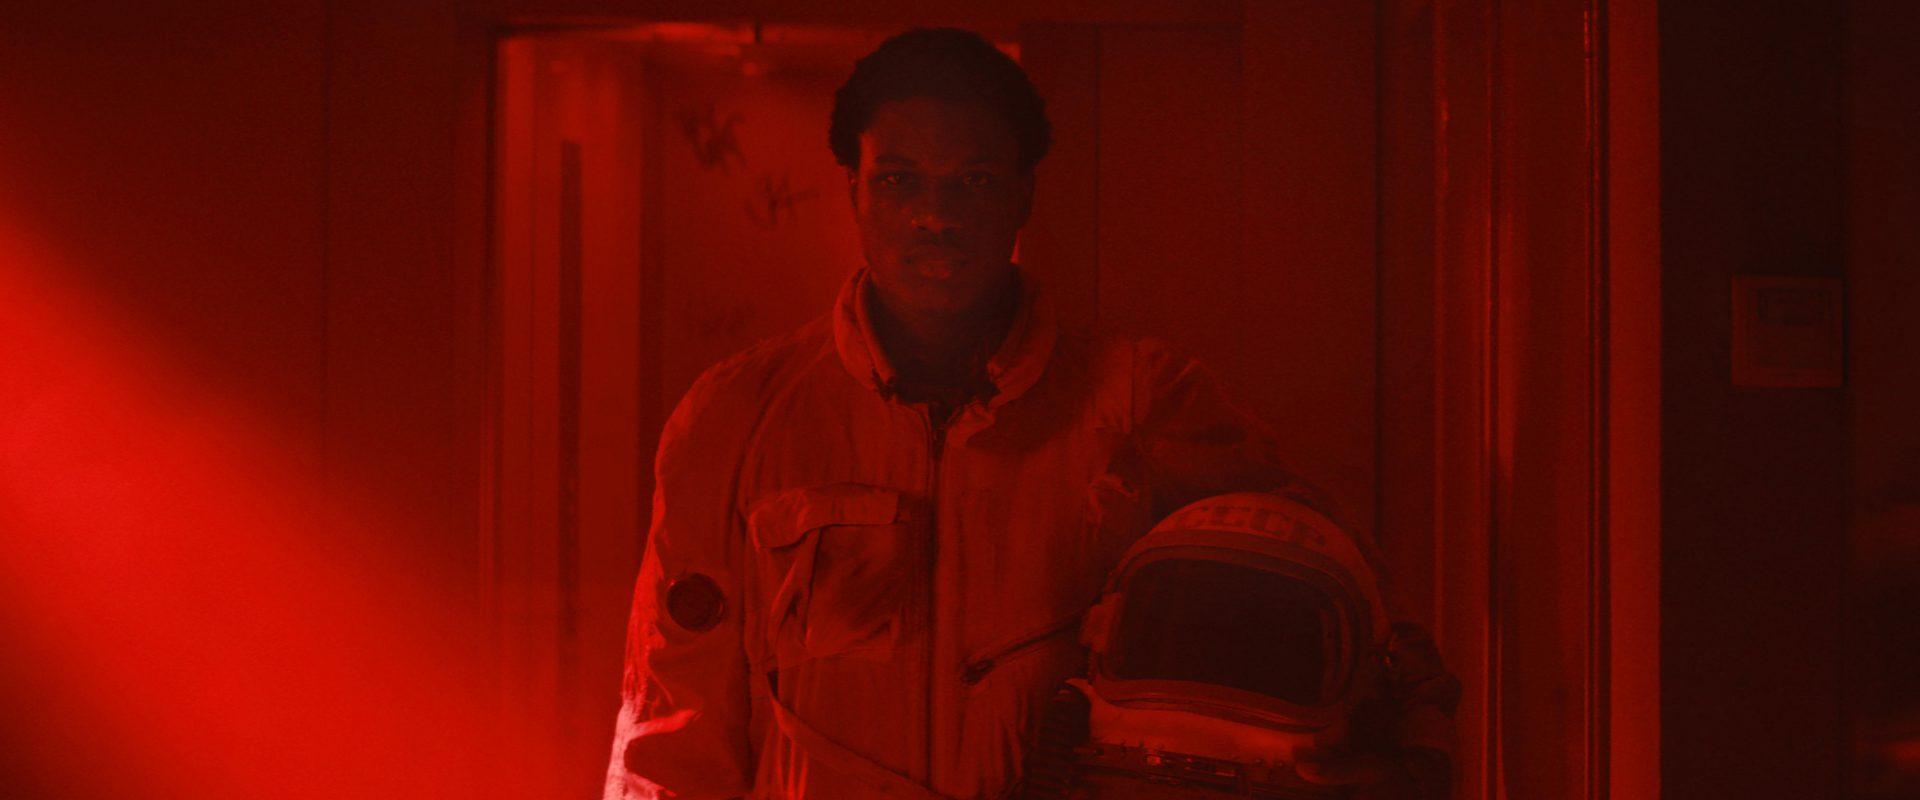 Alseni Bathily as Youri in Gagarine. Credit: Hautetcourt